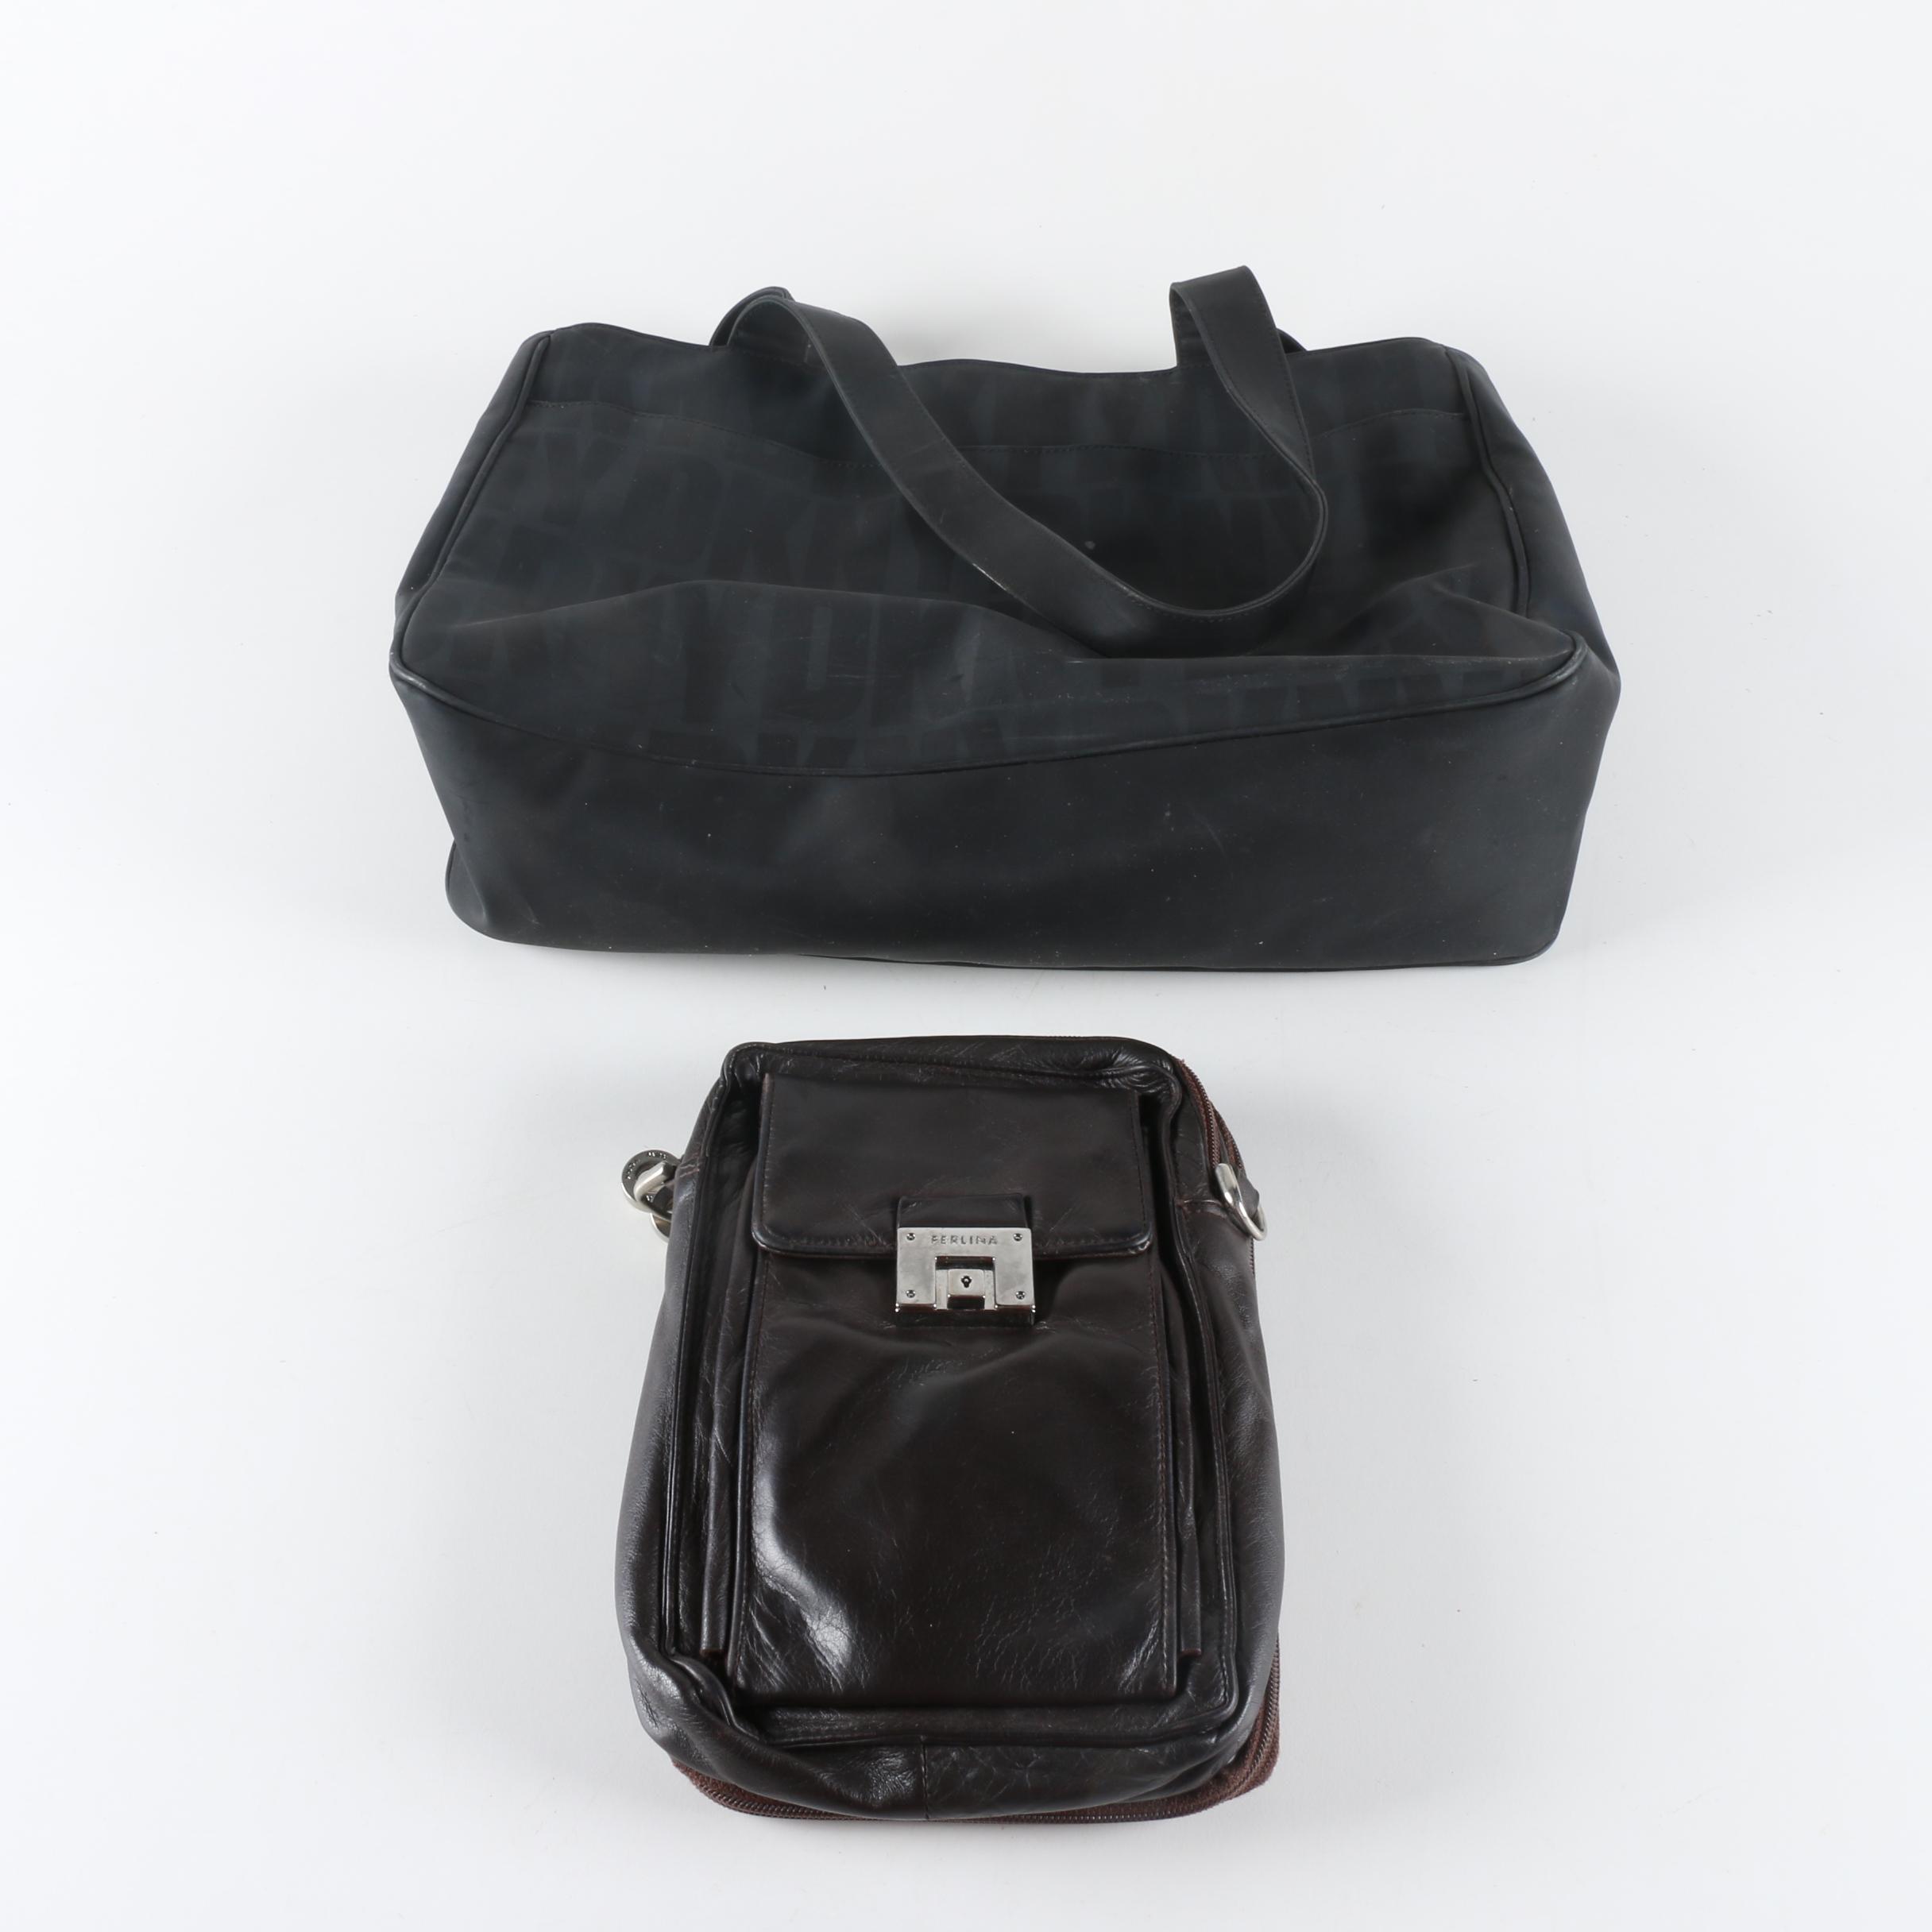 DKNY Handbag and Perlina Leather Crossbody Organizer